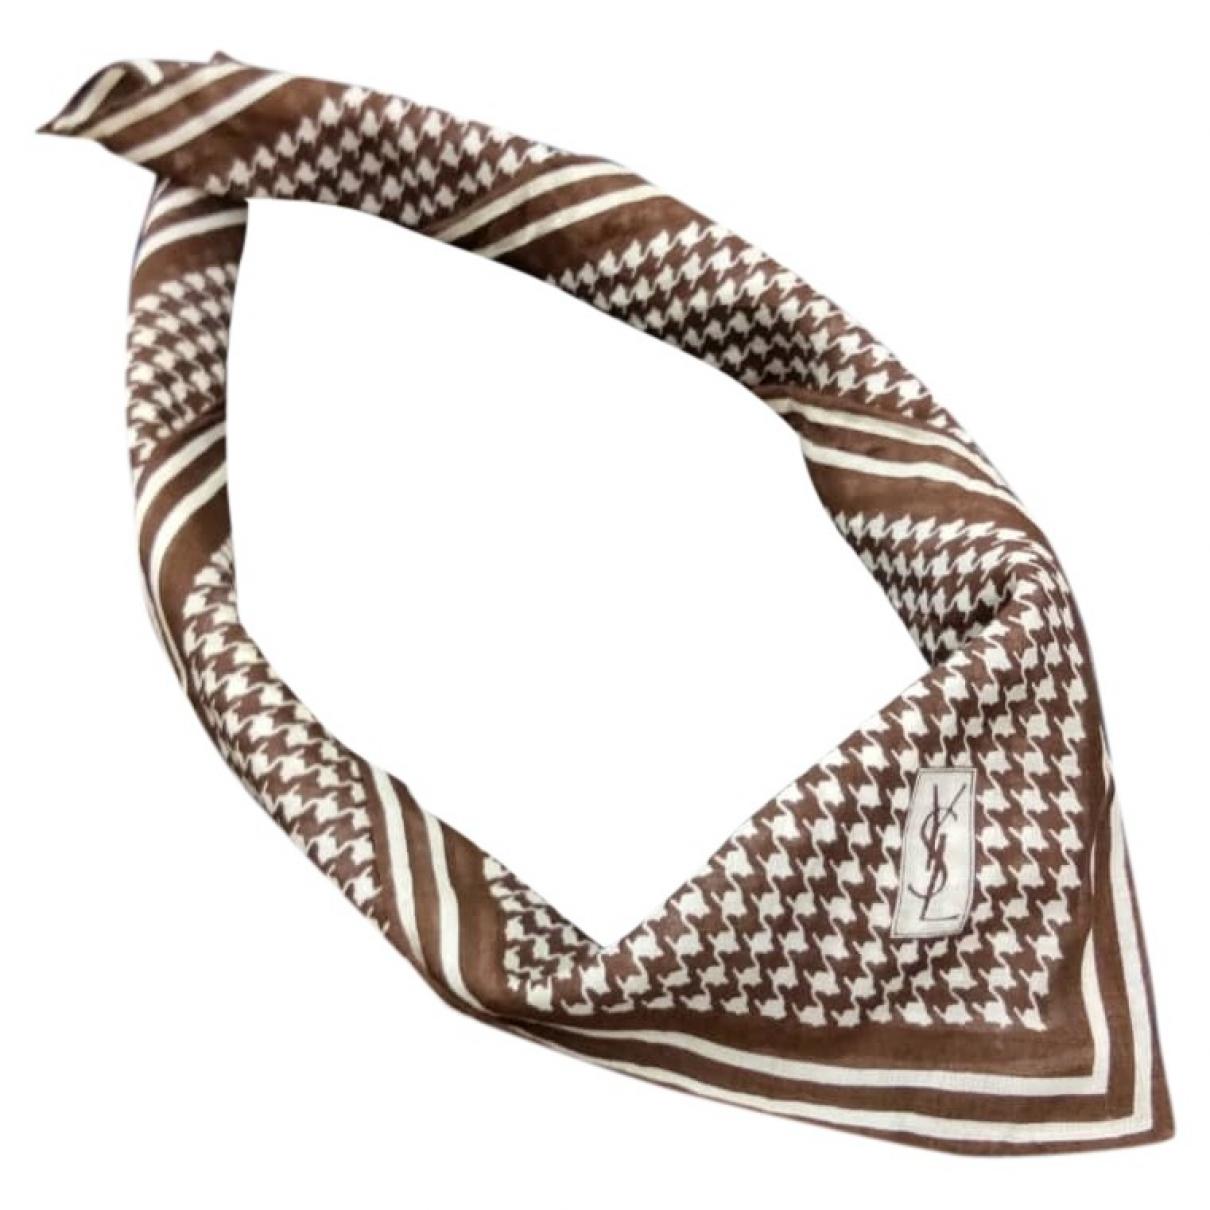 Yves Saint Laurent \N Brown scarf for Women \N